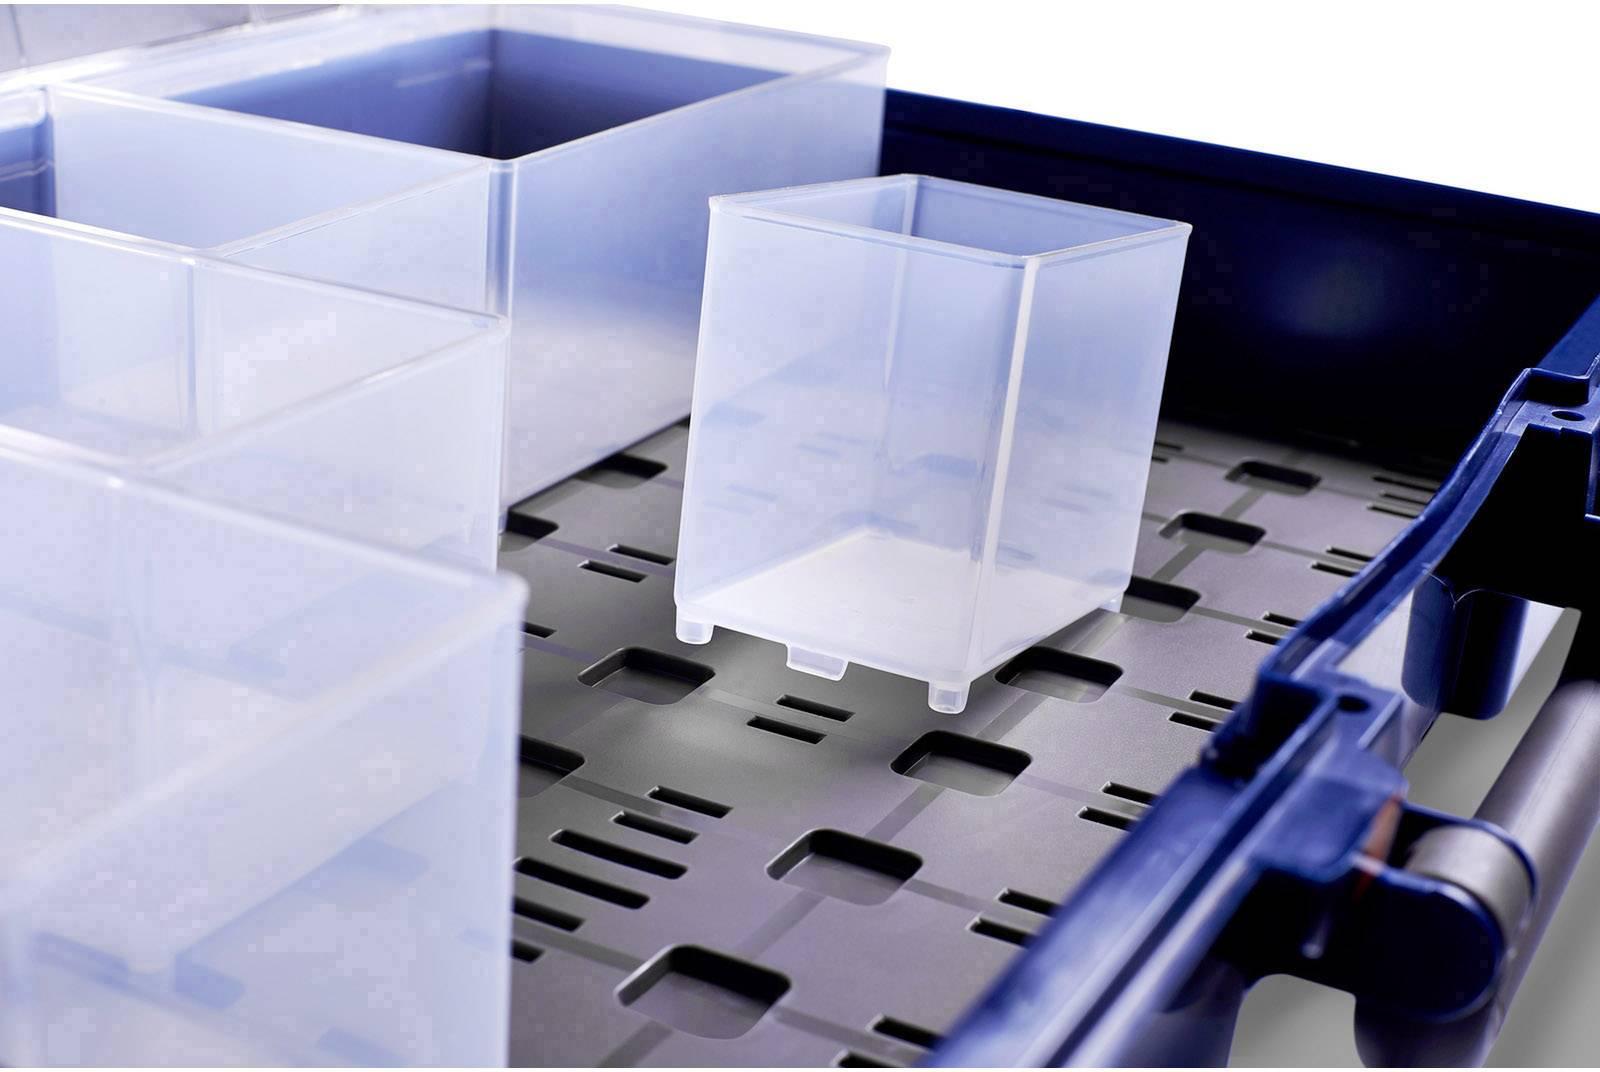 raaco CL LMS 80 5x10-0/DLU sortirni kovček (Š x V x G) 413 x 83 x 330 mm    1 kos